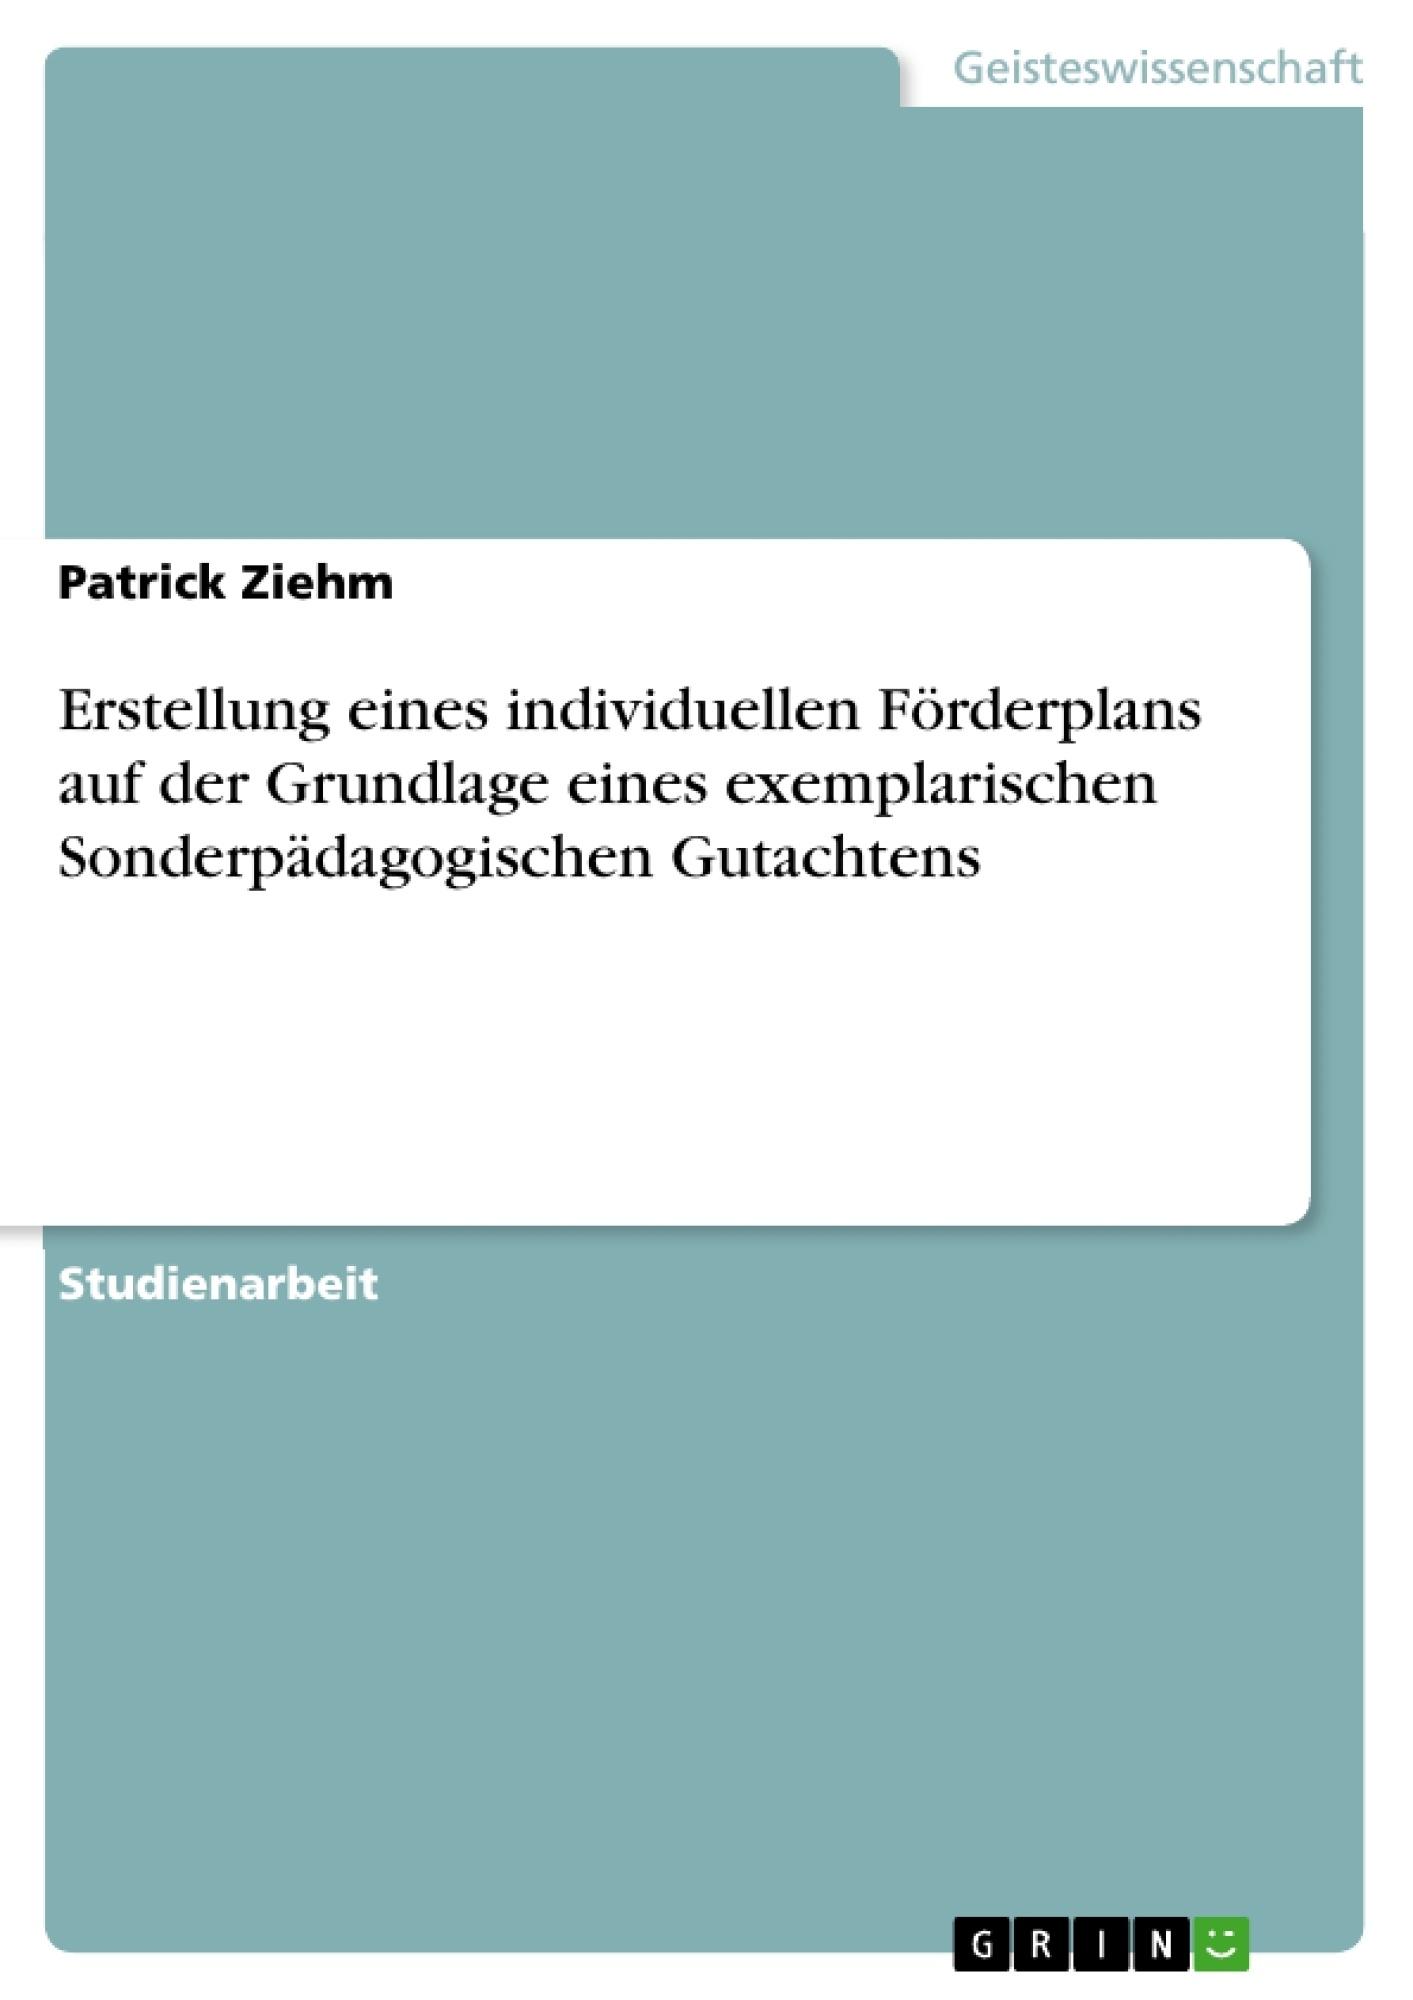 Titel: Erstellung eines individuellen Förderplans auf der Grundlage eines exemplarischen Sonderpädagogischen Gutachtens